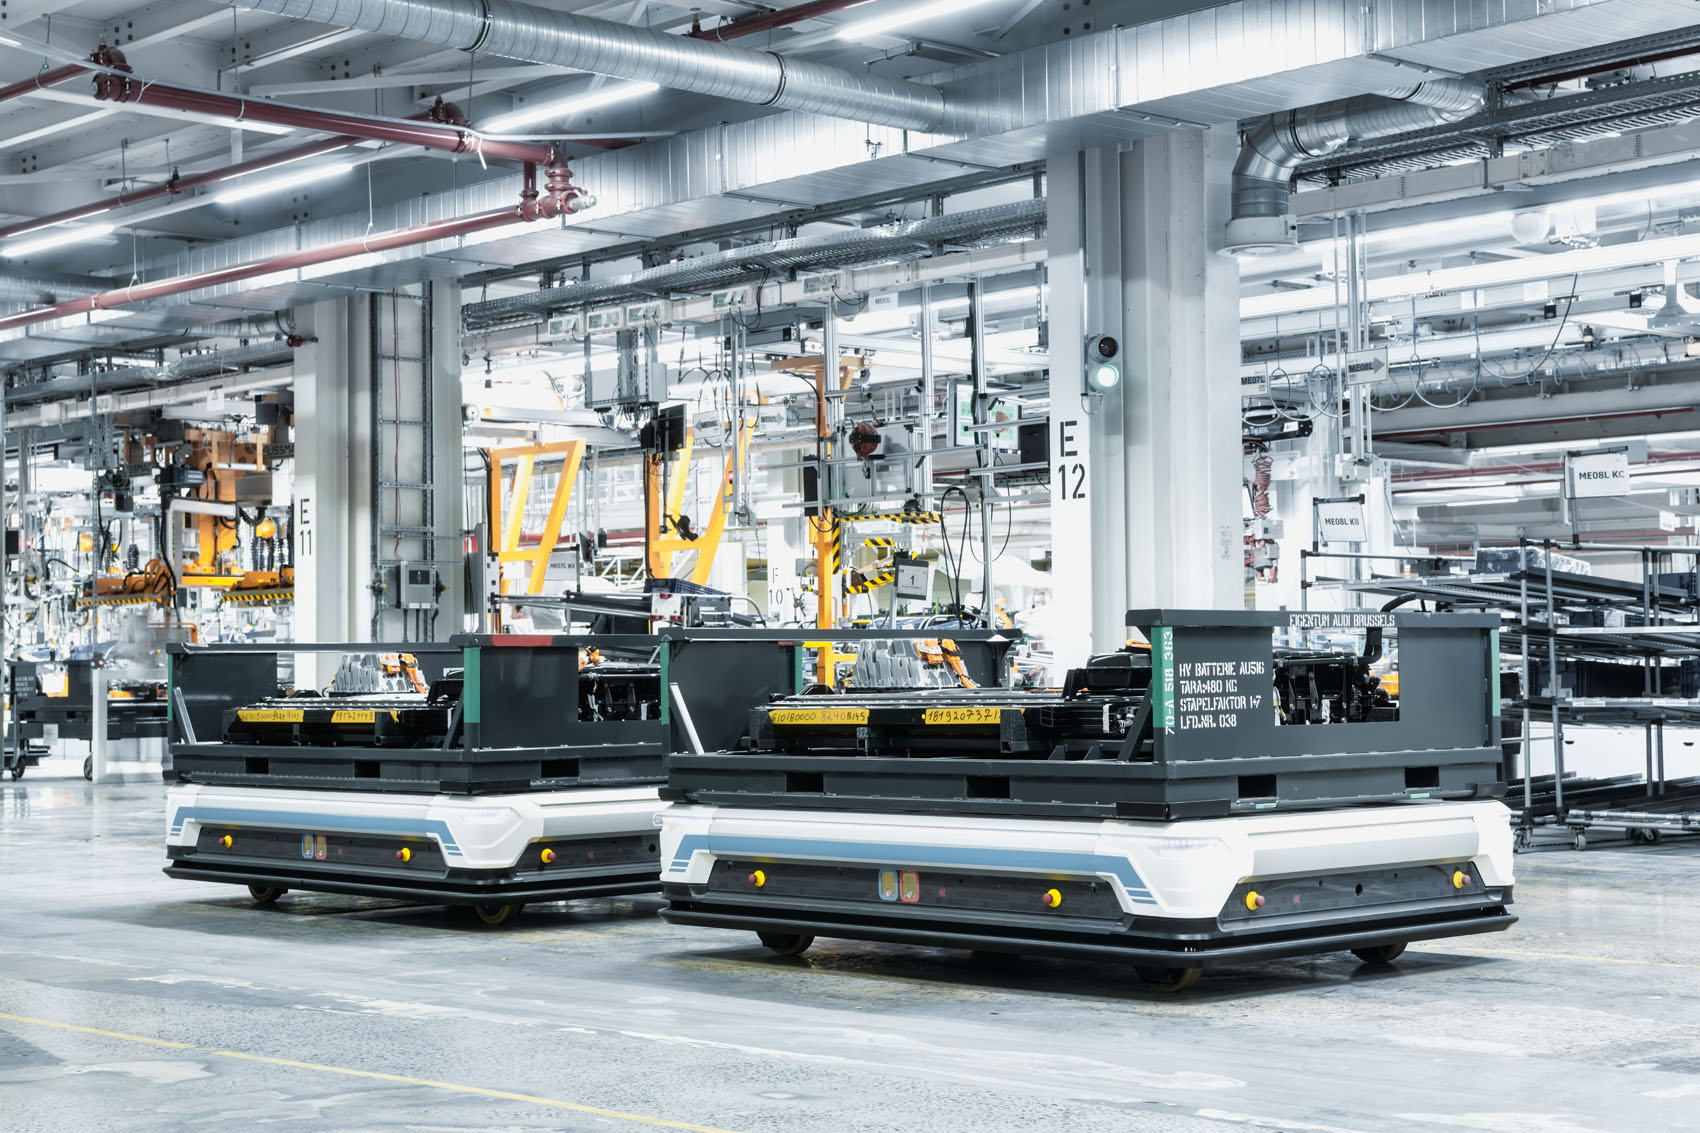 Sistemi di trasporto automatizzati (AGV) conducono le batterie alla catena di montaggio. (Stefan Warter)